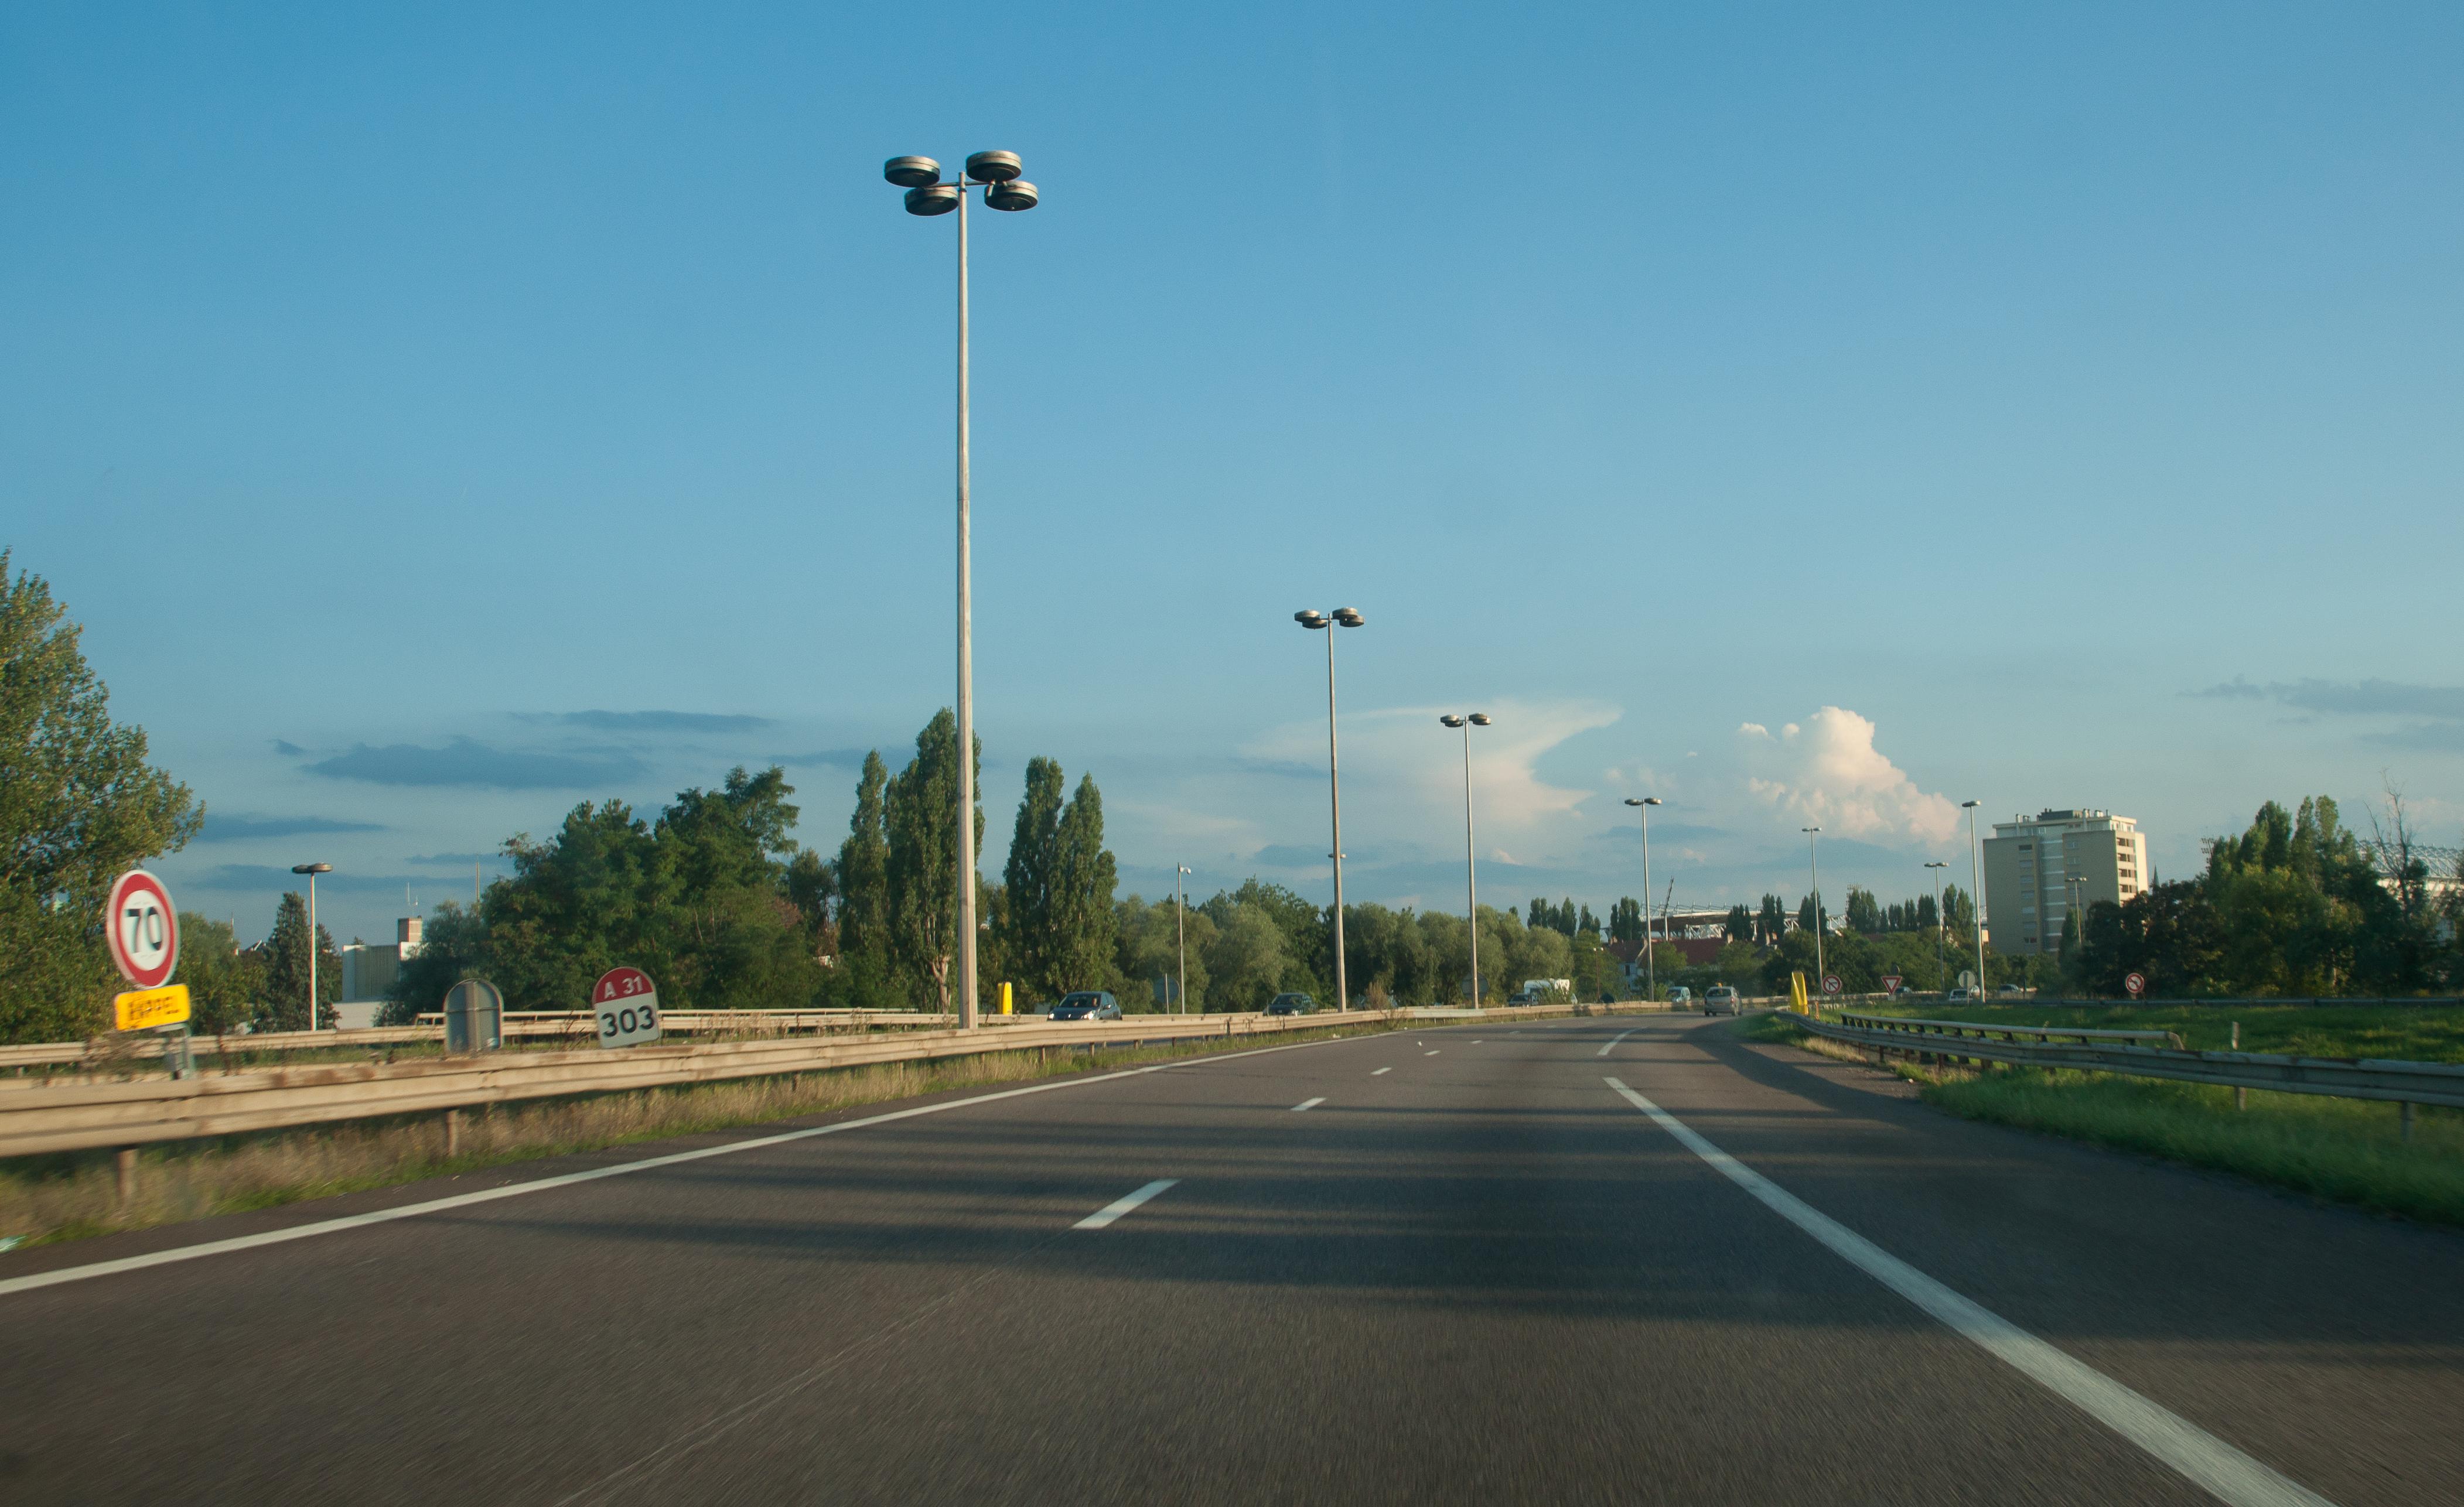 A31 autoroute #